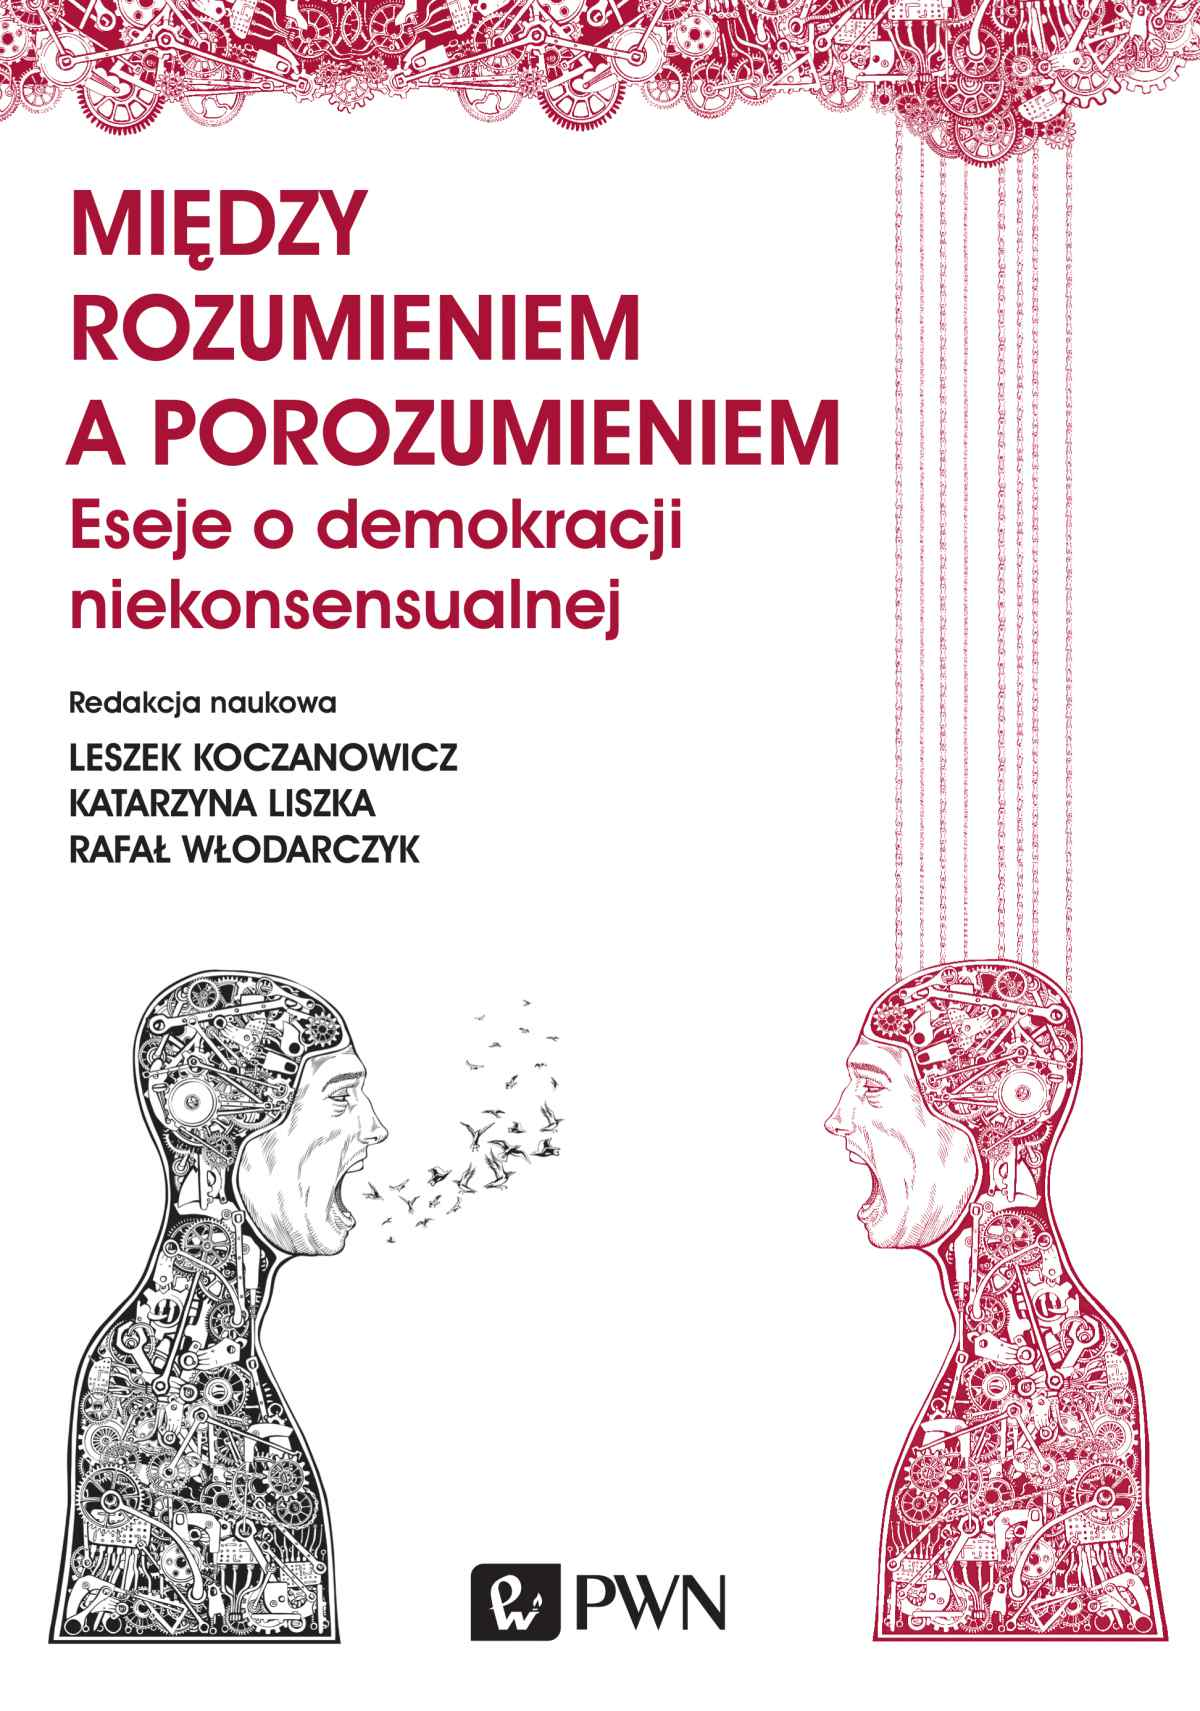 Między rozumieniem a porozumieniem - Ebook (Książka EPUB) do pobrania w formacie EPUB